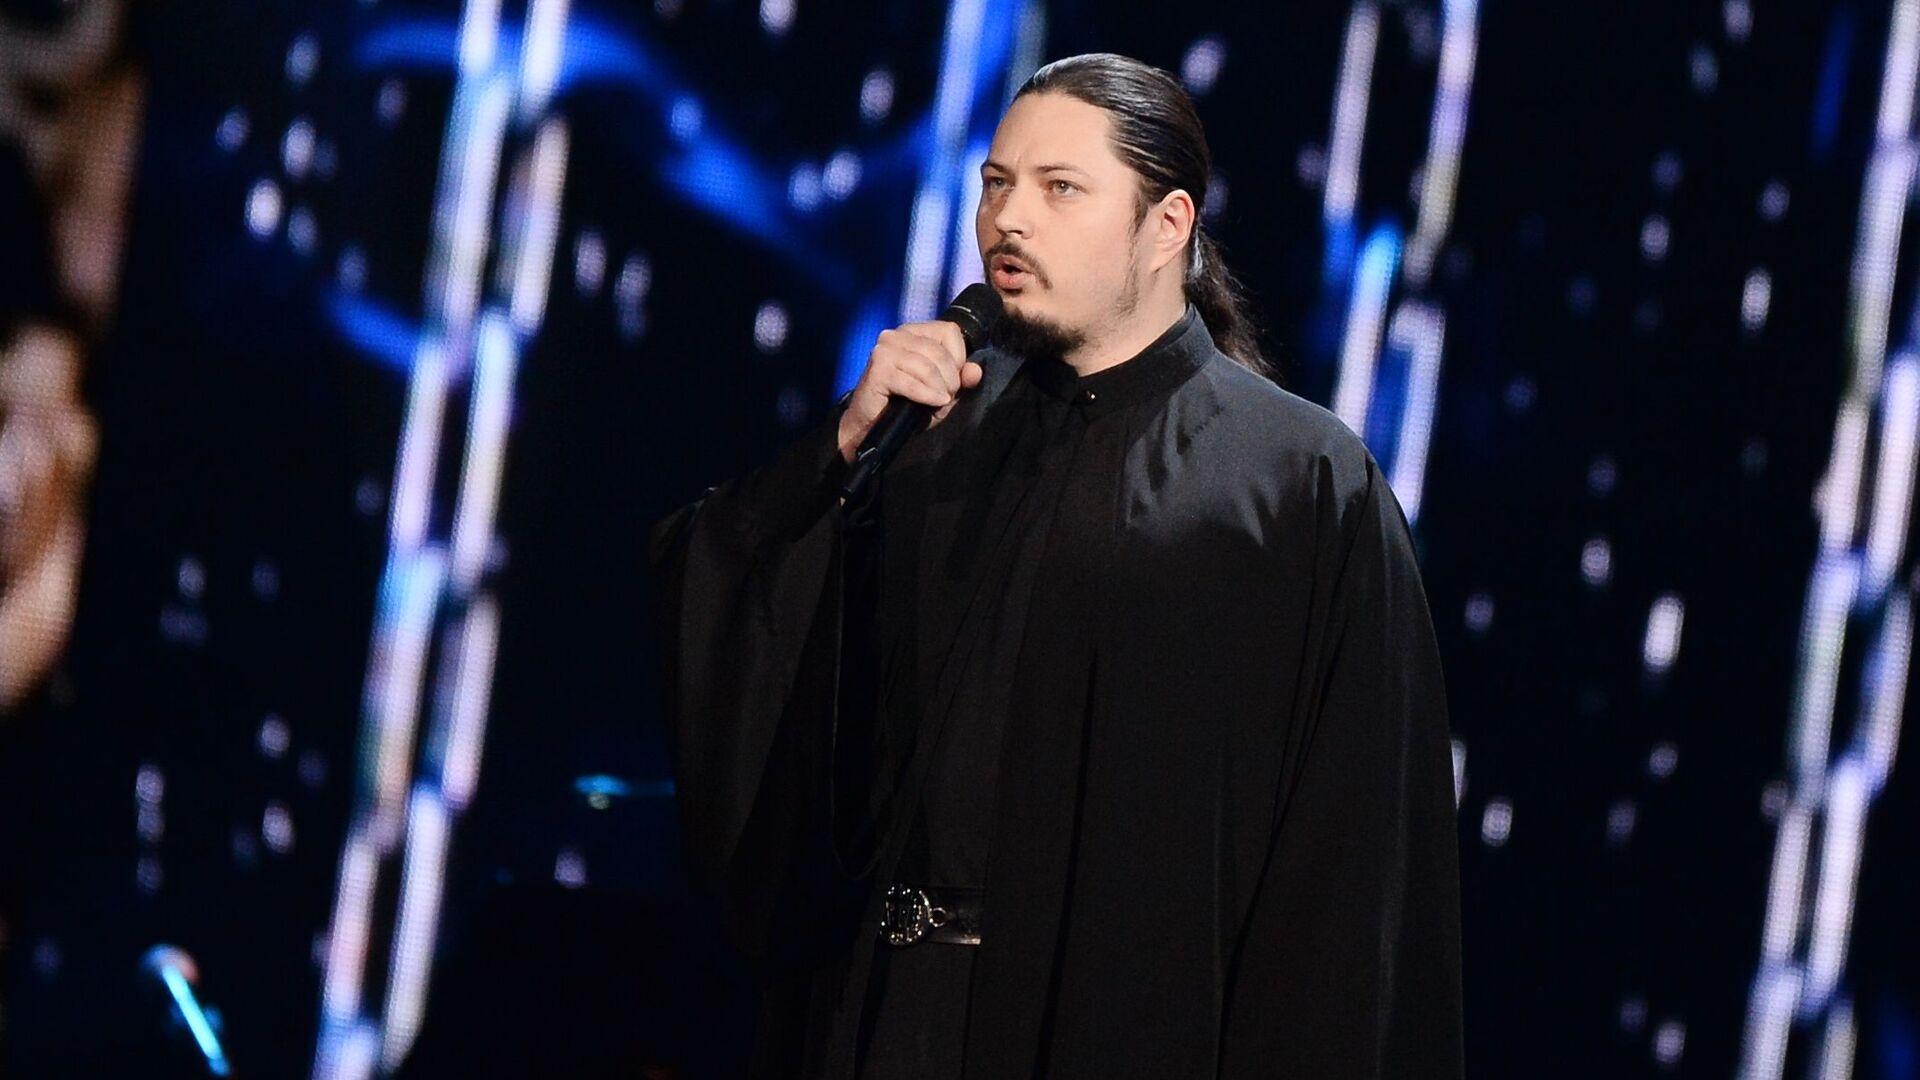 Иеромонах Фотий выступает на пятилетии шоу Голос - Sputnik Таджикистан, 1920, 01.04.2021